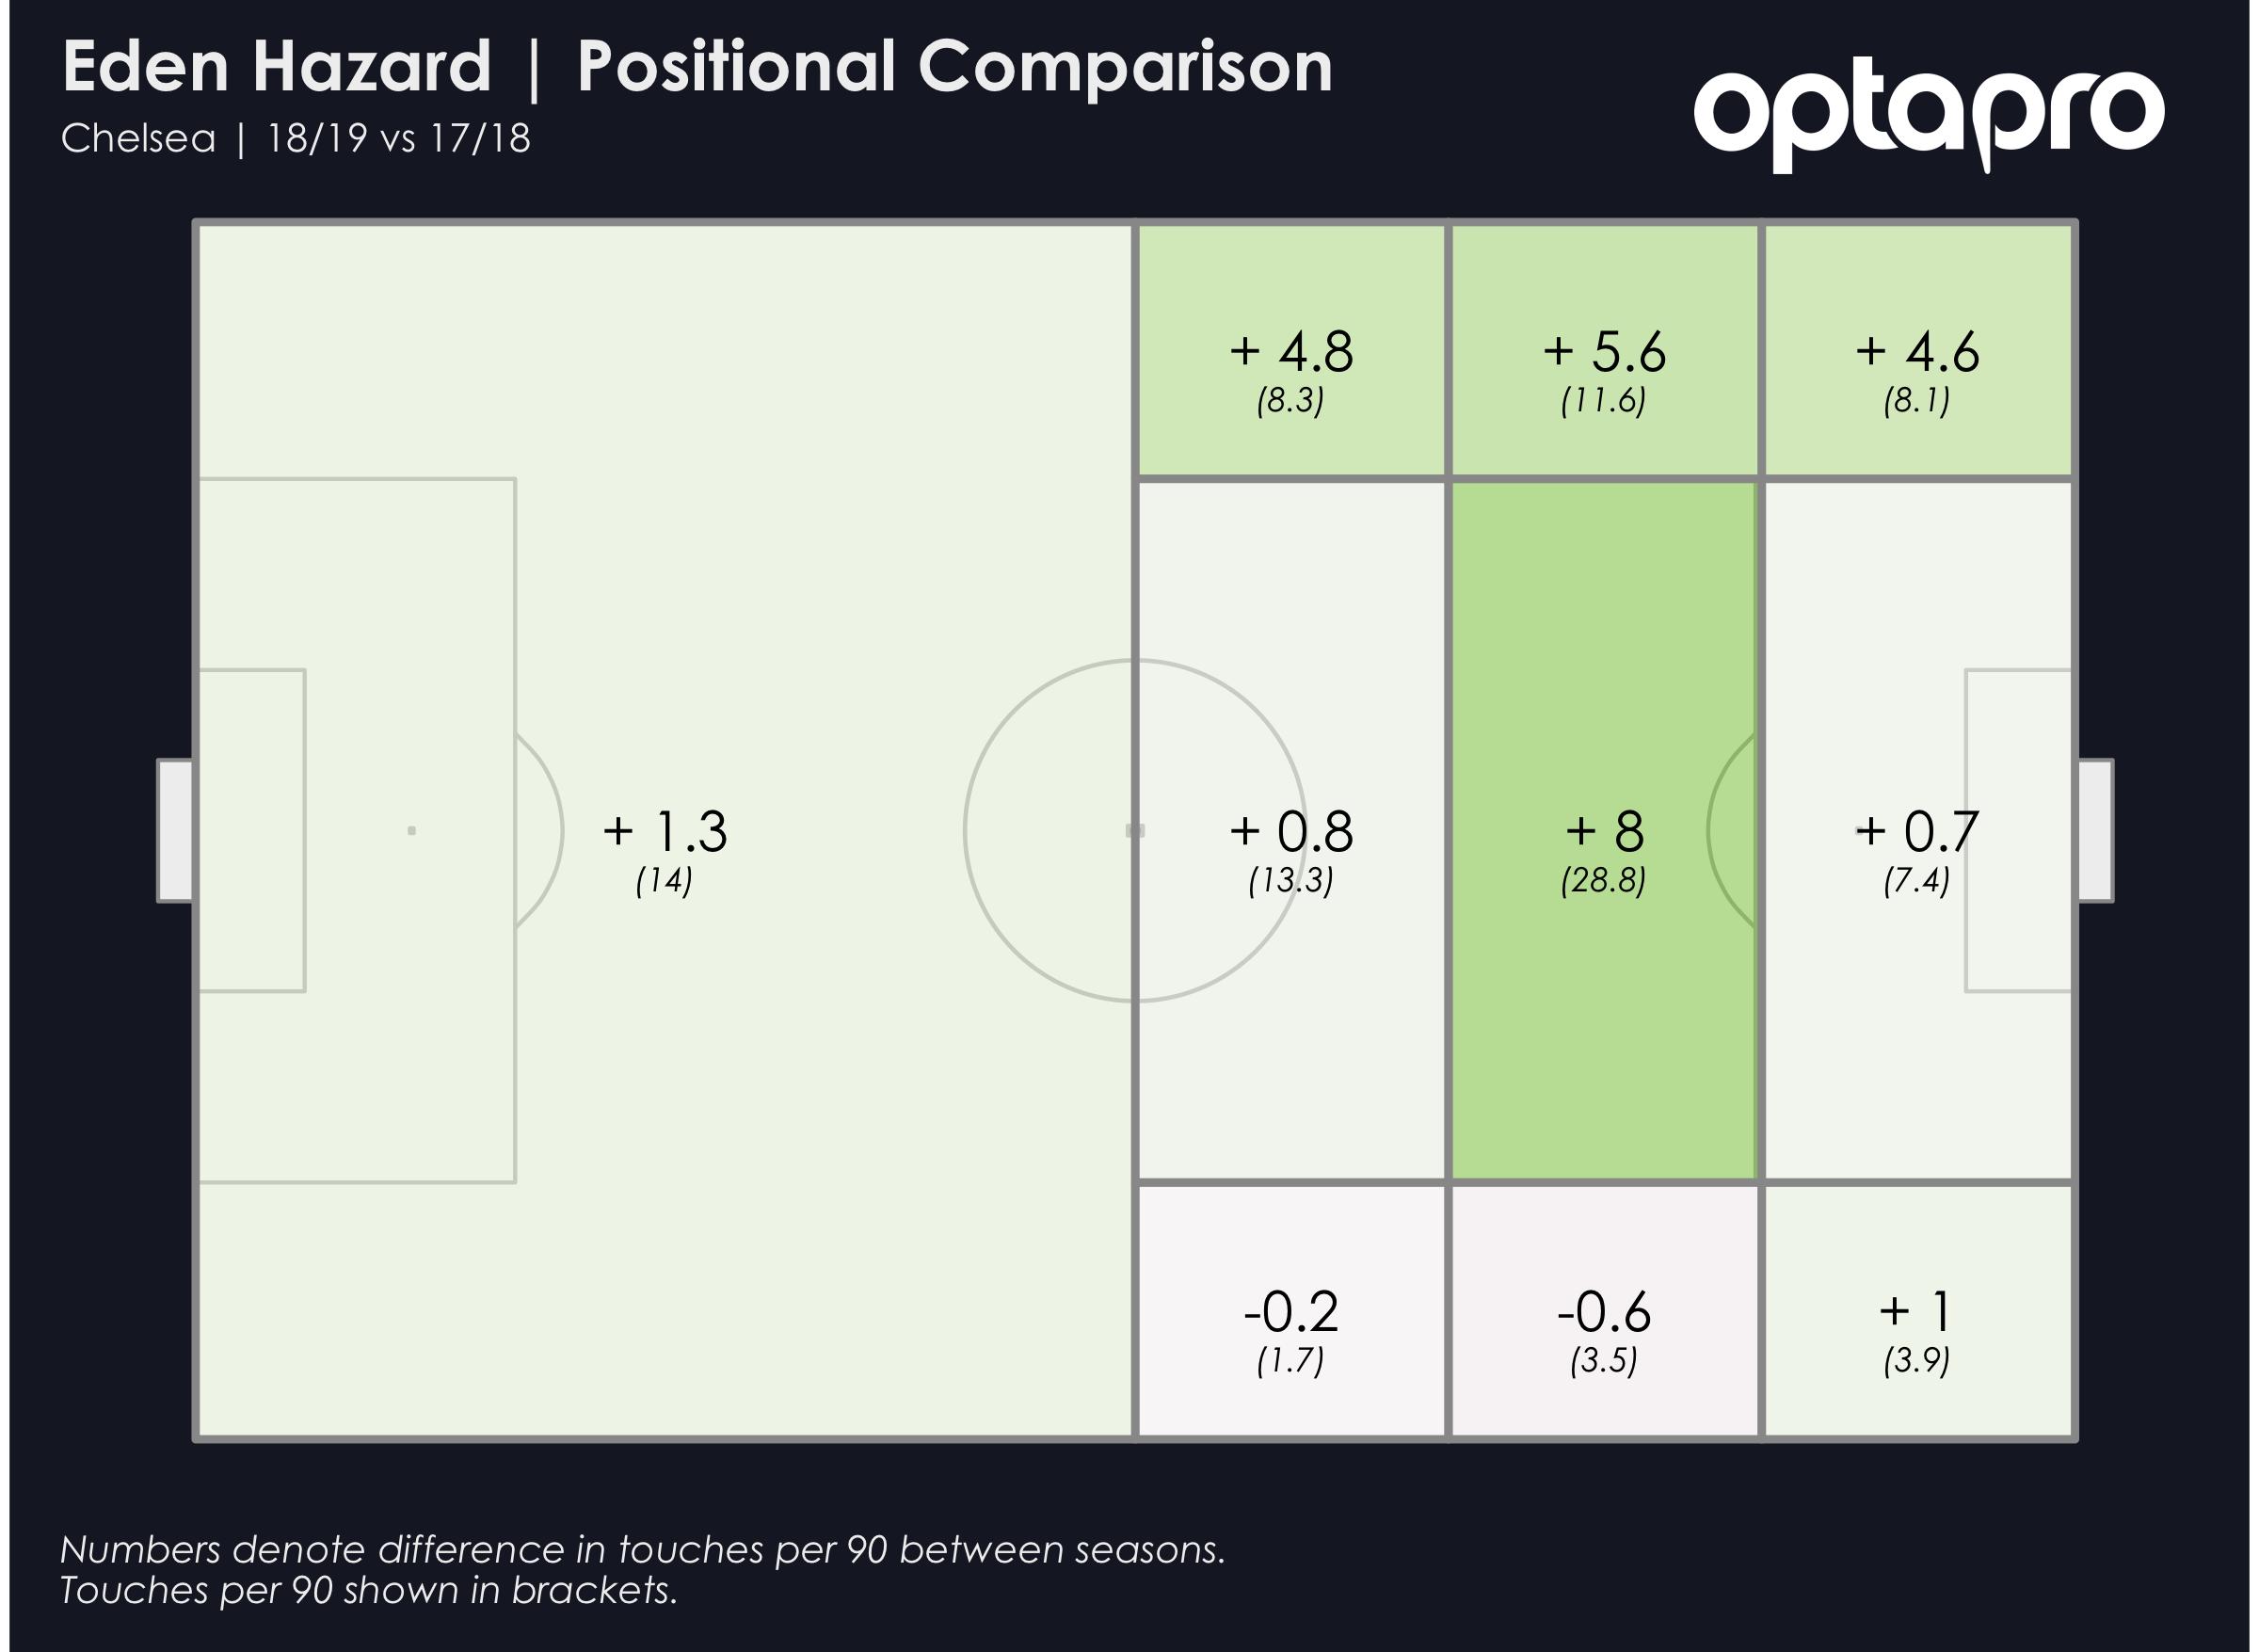 Eden Hazard Positional Comparison